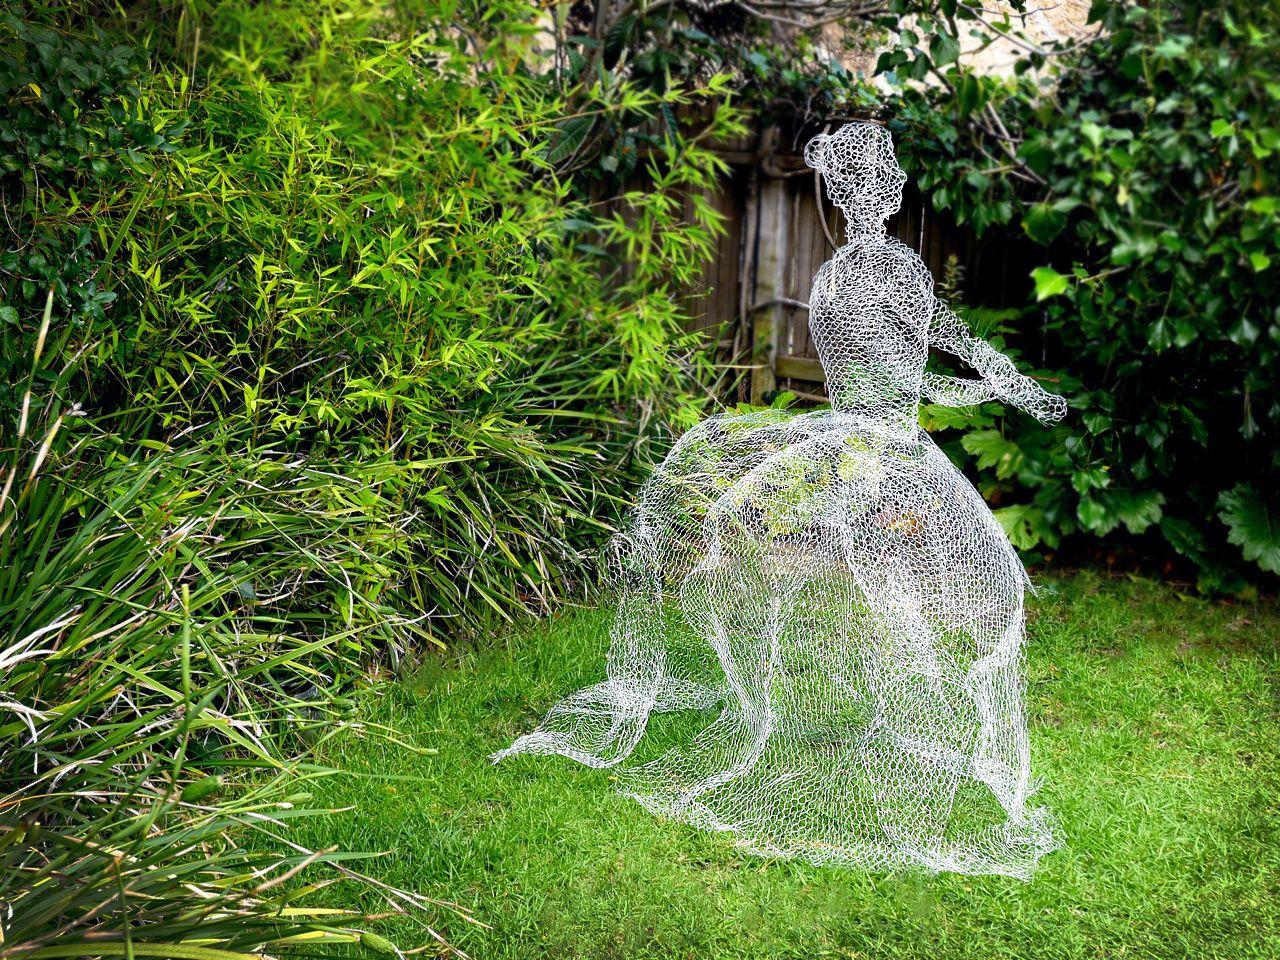 How to Make Chicken Wire Ghosts   Chicken wire, Gardens and Craft